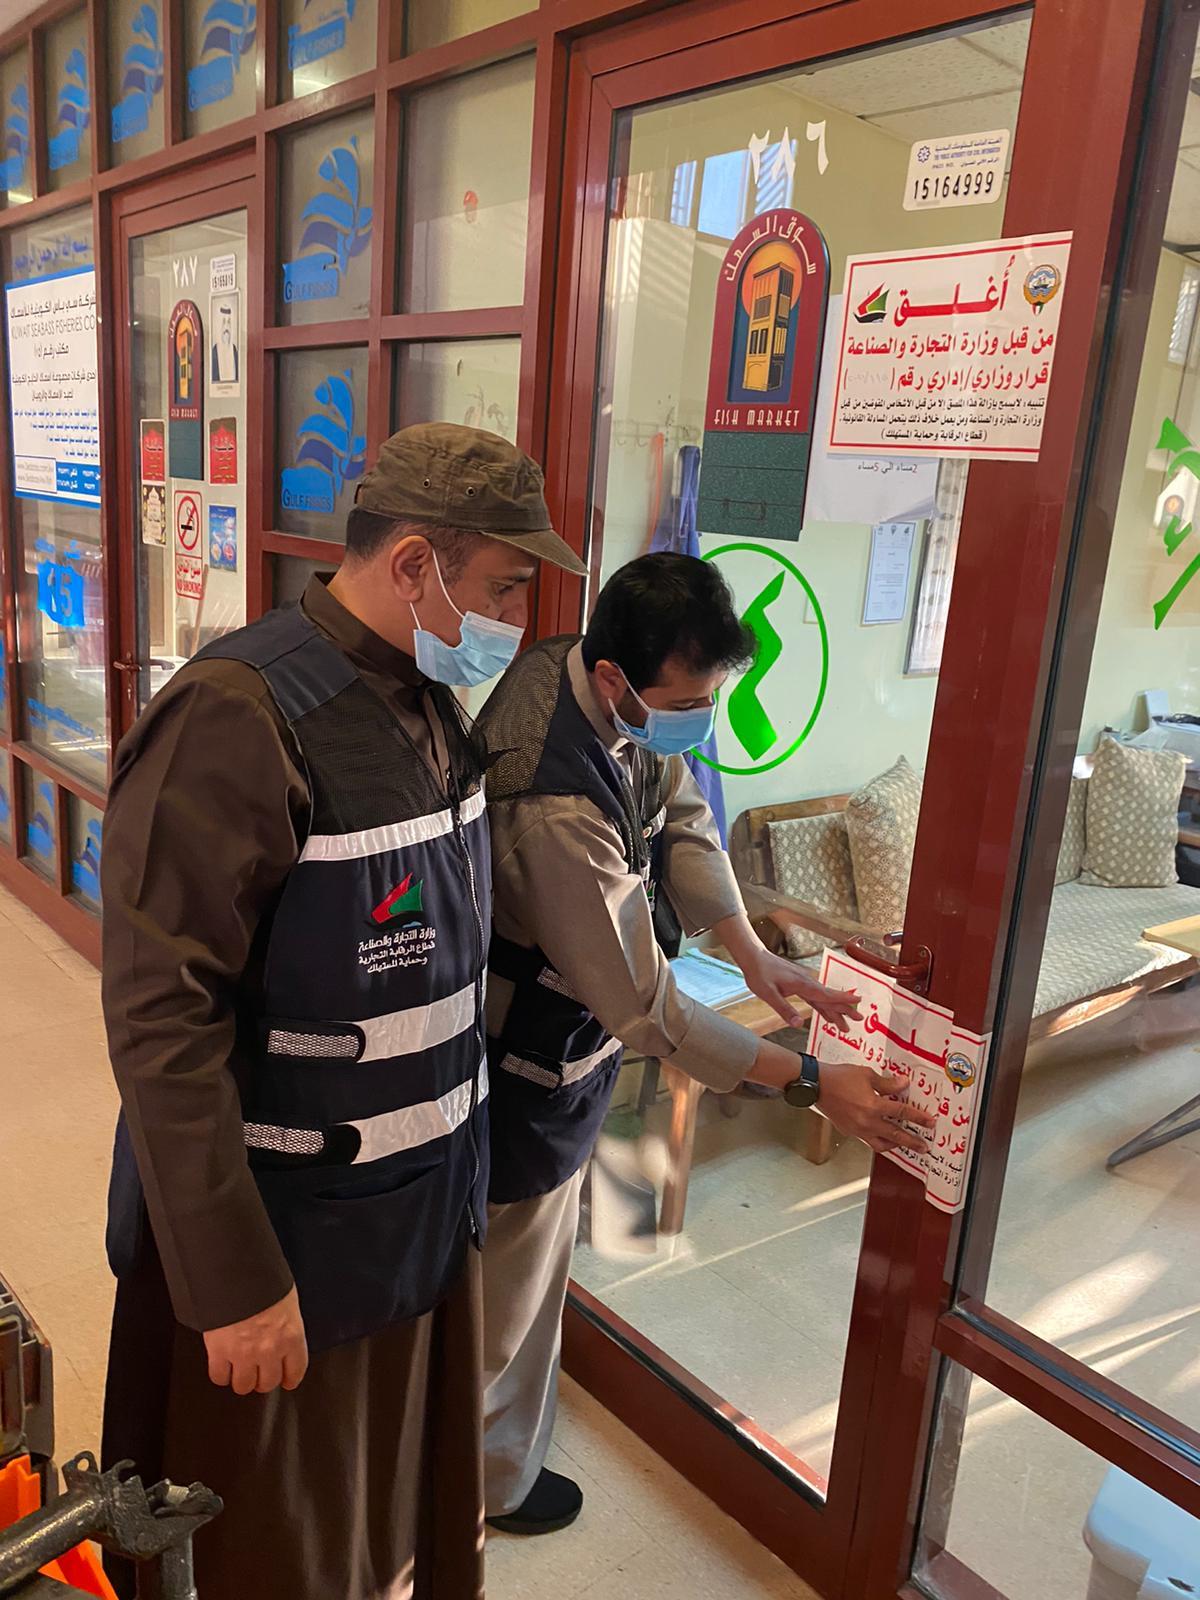 ٢٠٢١٠١٢٤ ١٨٥٤٢٤ - إغلاق شركة خالفت القانون في مزاد سوق السمك.      #العبدلي_نيوز